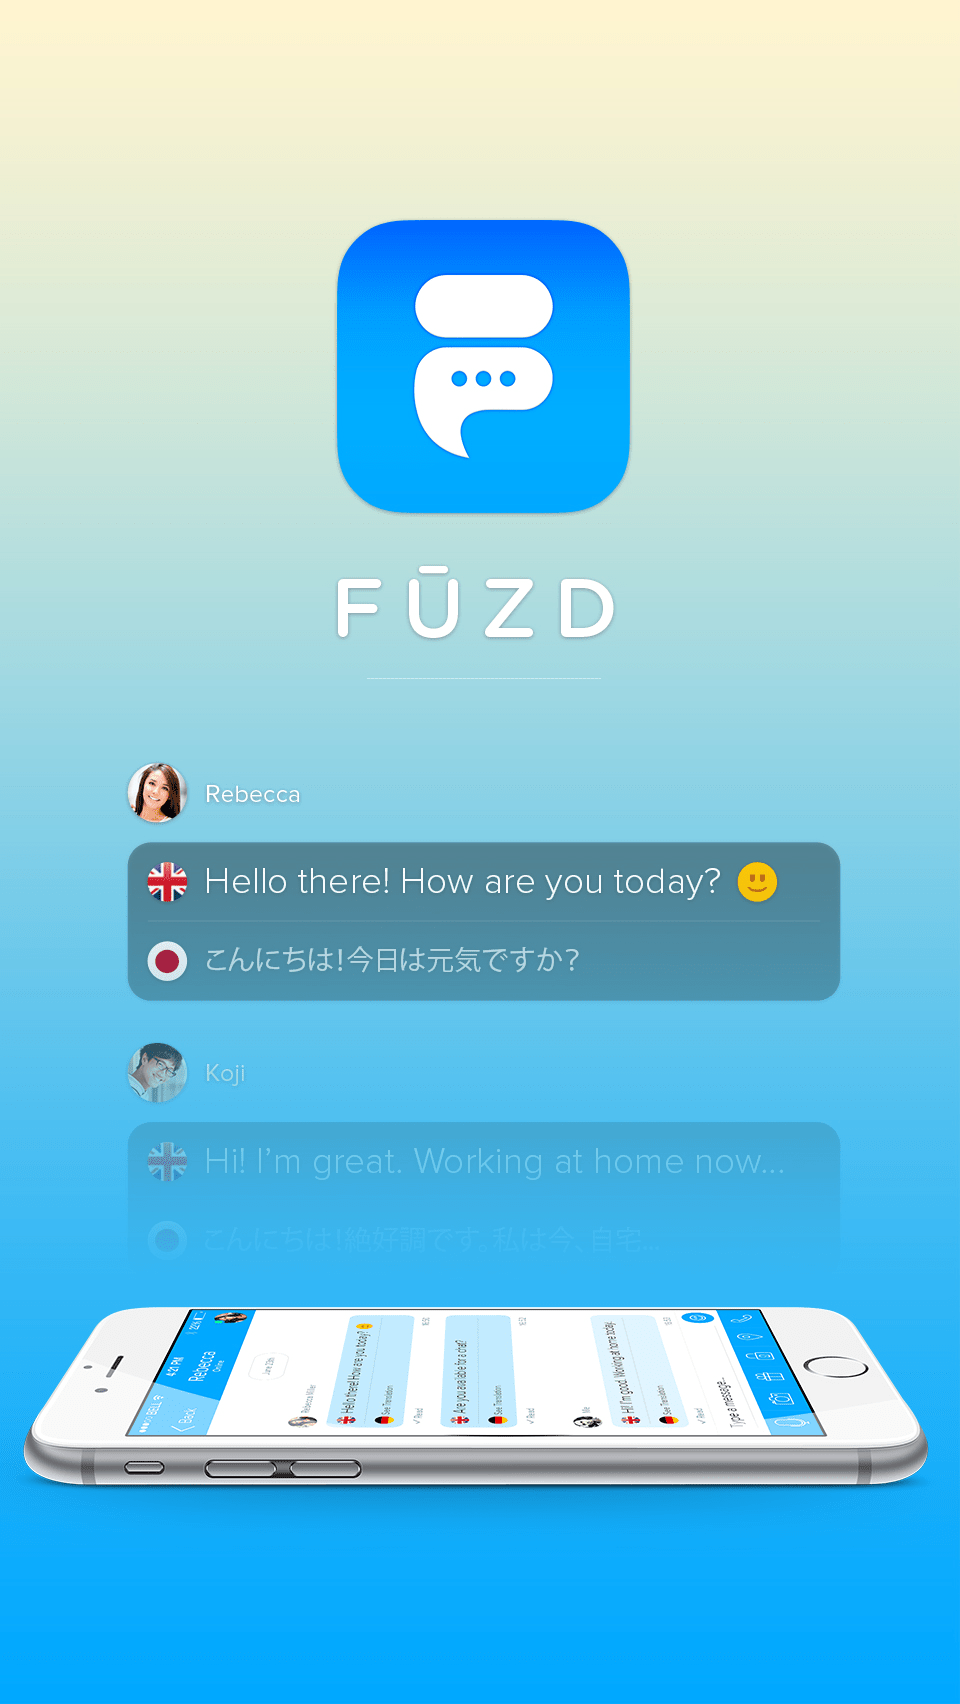 Fuzd - Meet New People